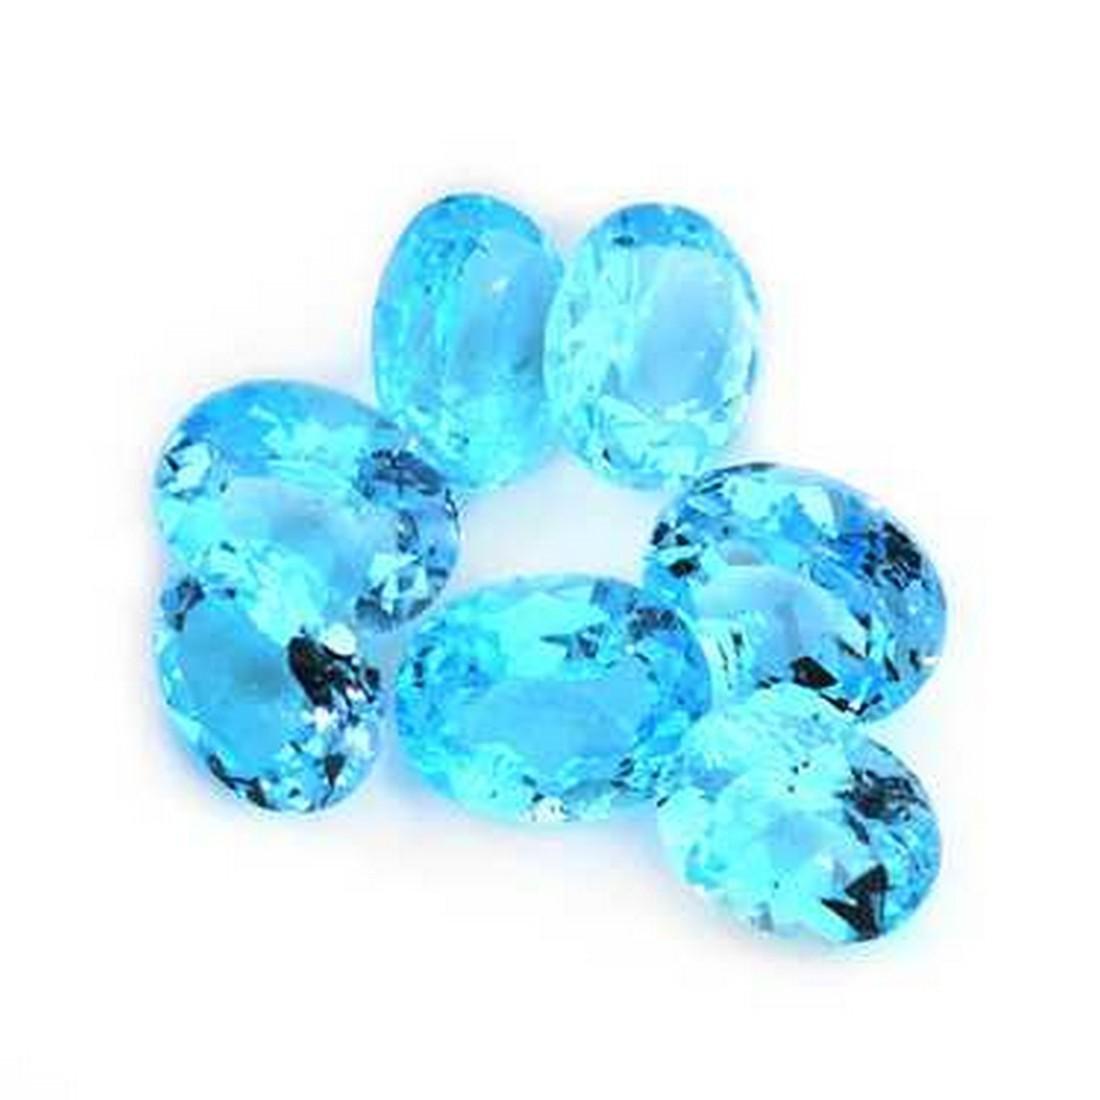 26.24 ct blue topaz parcel - 2